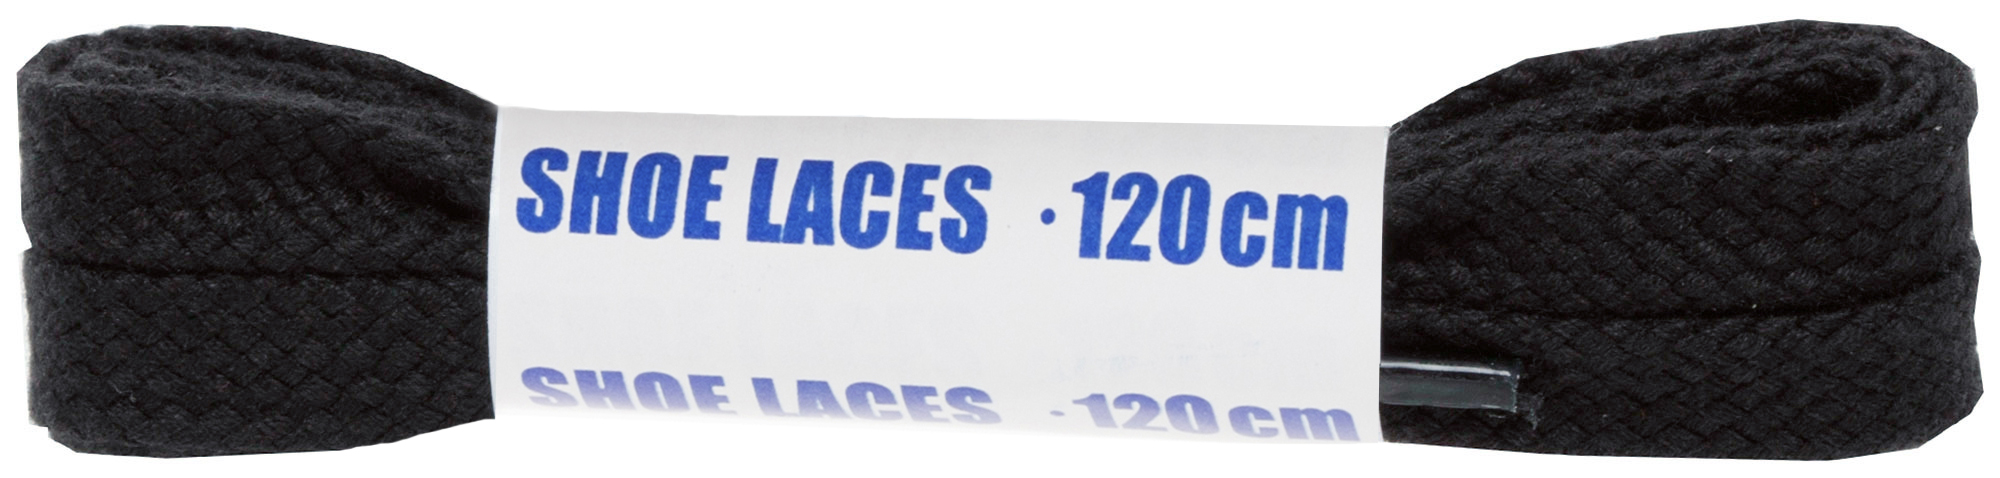 Woly Шнурки черные плоские Sport, 120 см